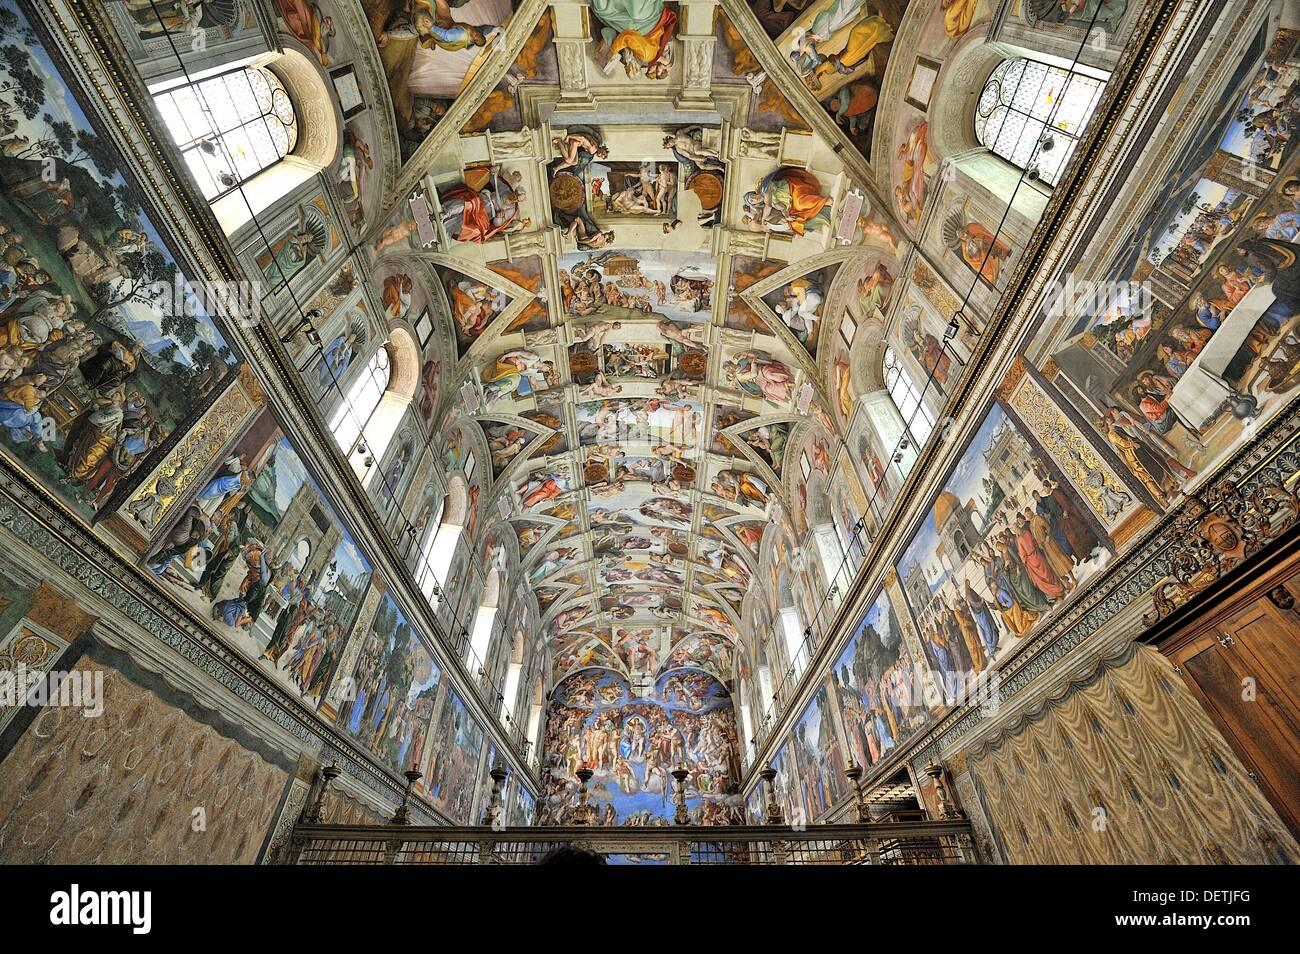 Des Peintures Au Plafond De La Chapelle Sixtine Vatican Rome